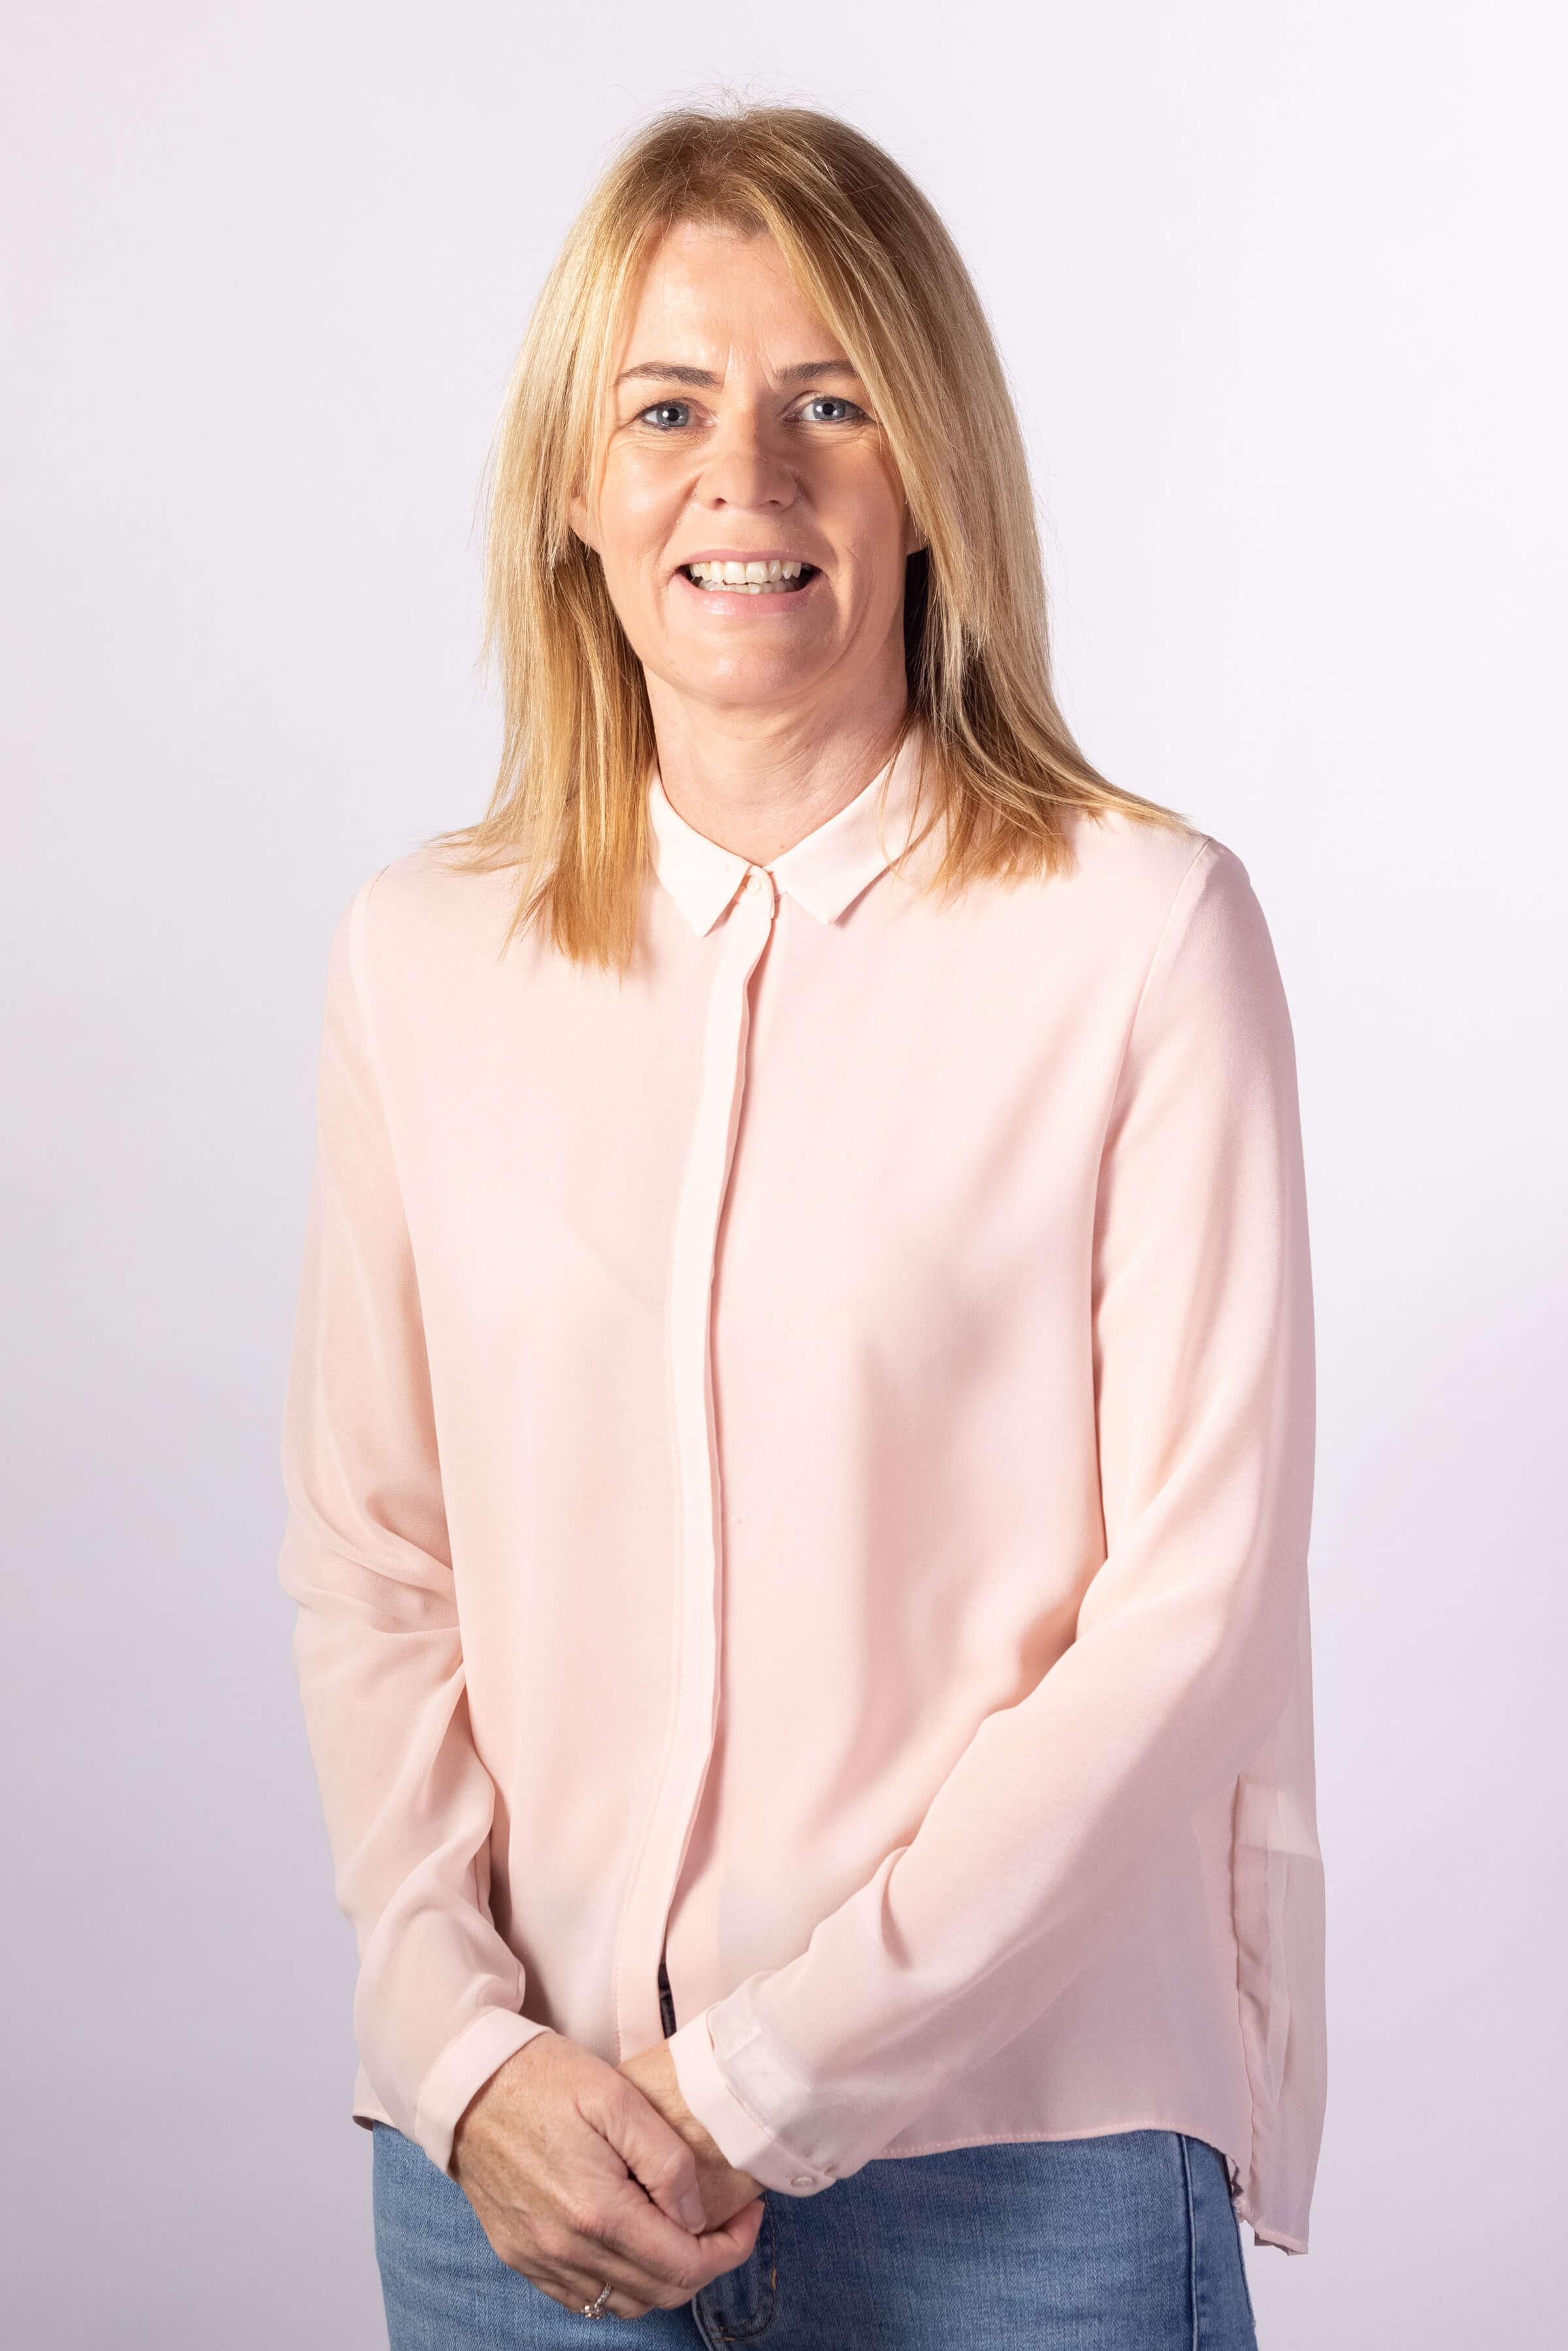 Julie Fox